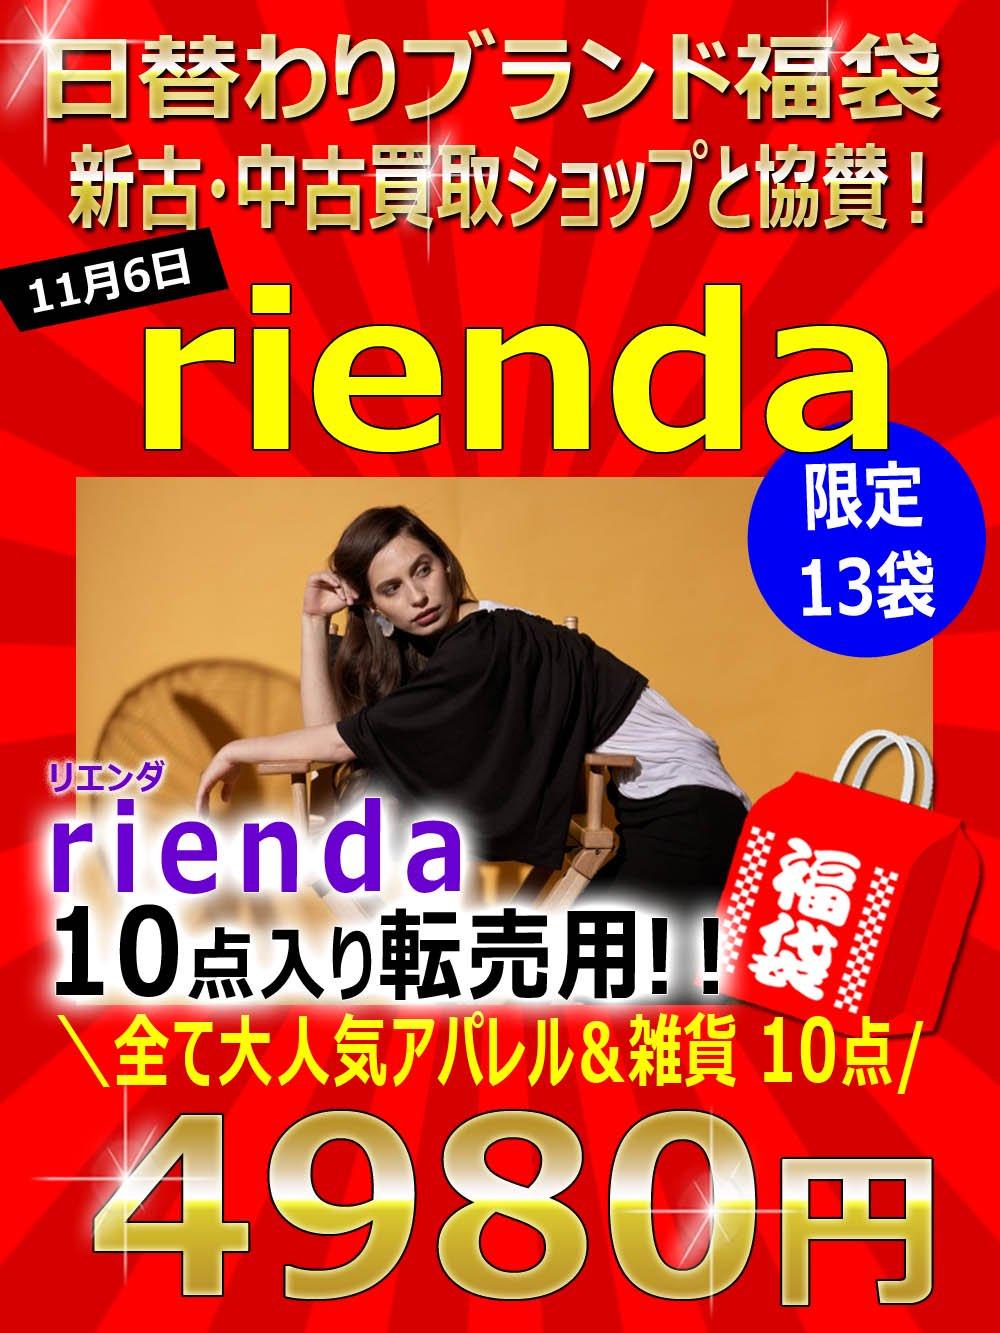 """限定20袋!日替わりブランド福袋!新古・中古ショップ協賛 """"rienda""""【10点】4980円"""